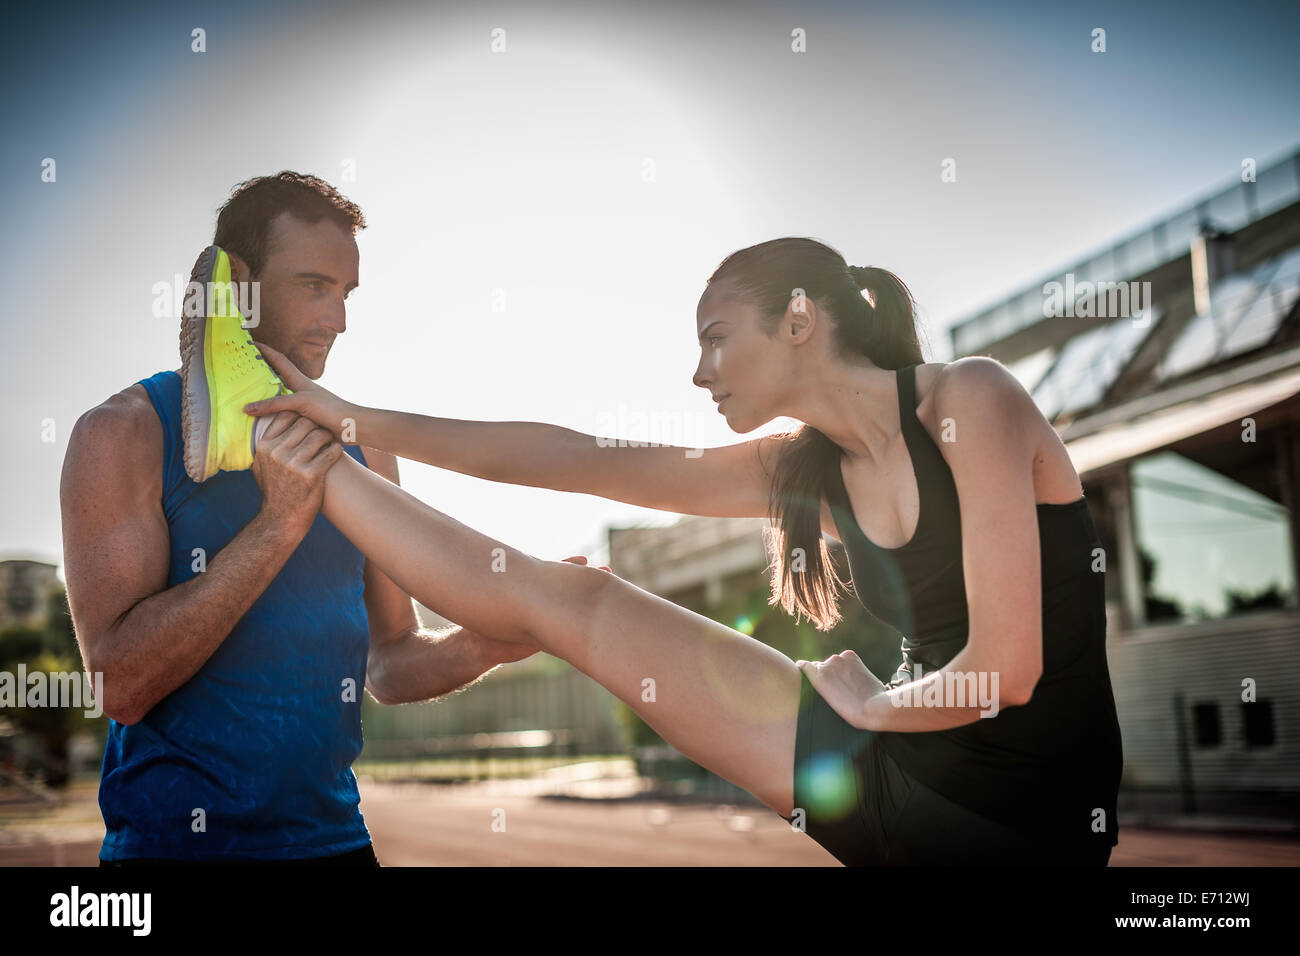 L'uomo aiutando donna gamba estensibile Foto Stock